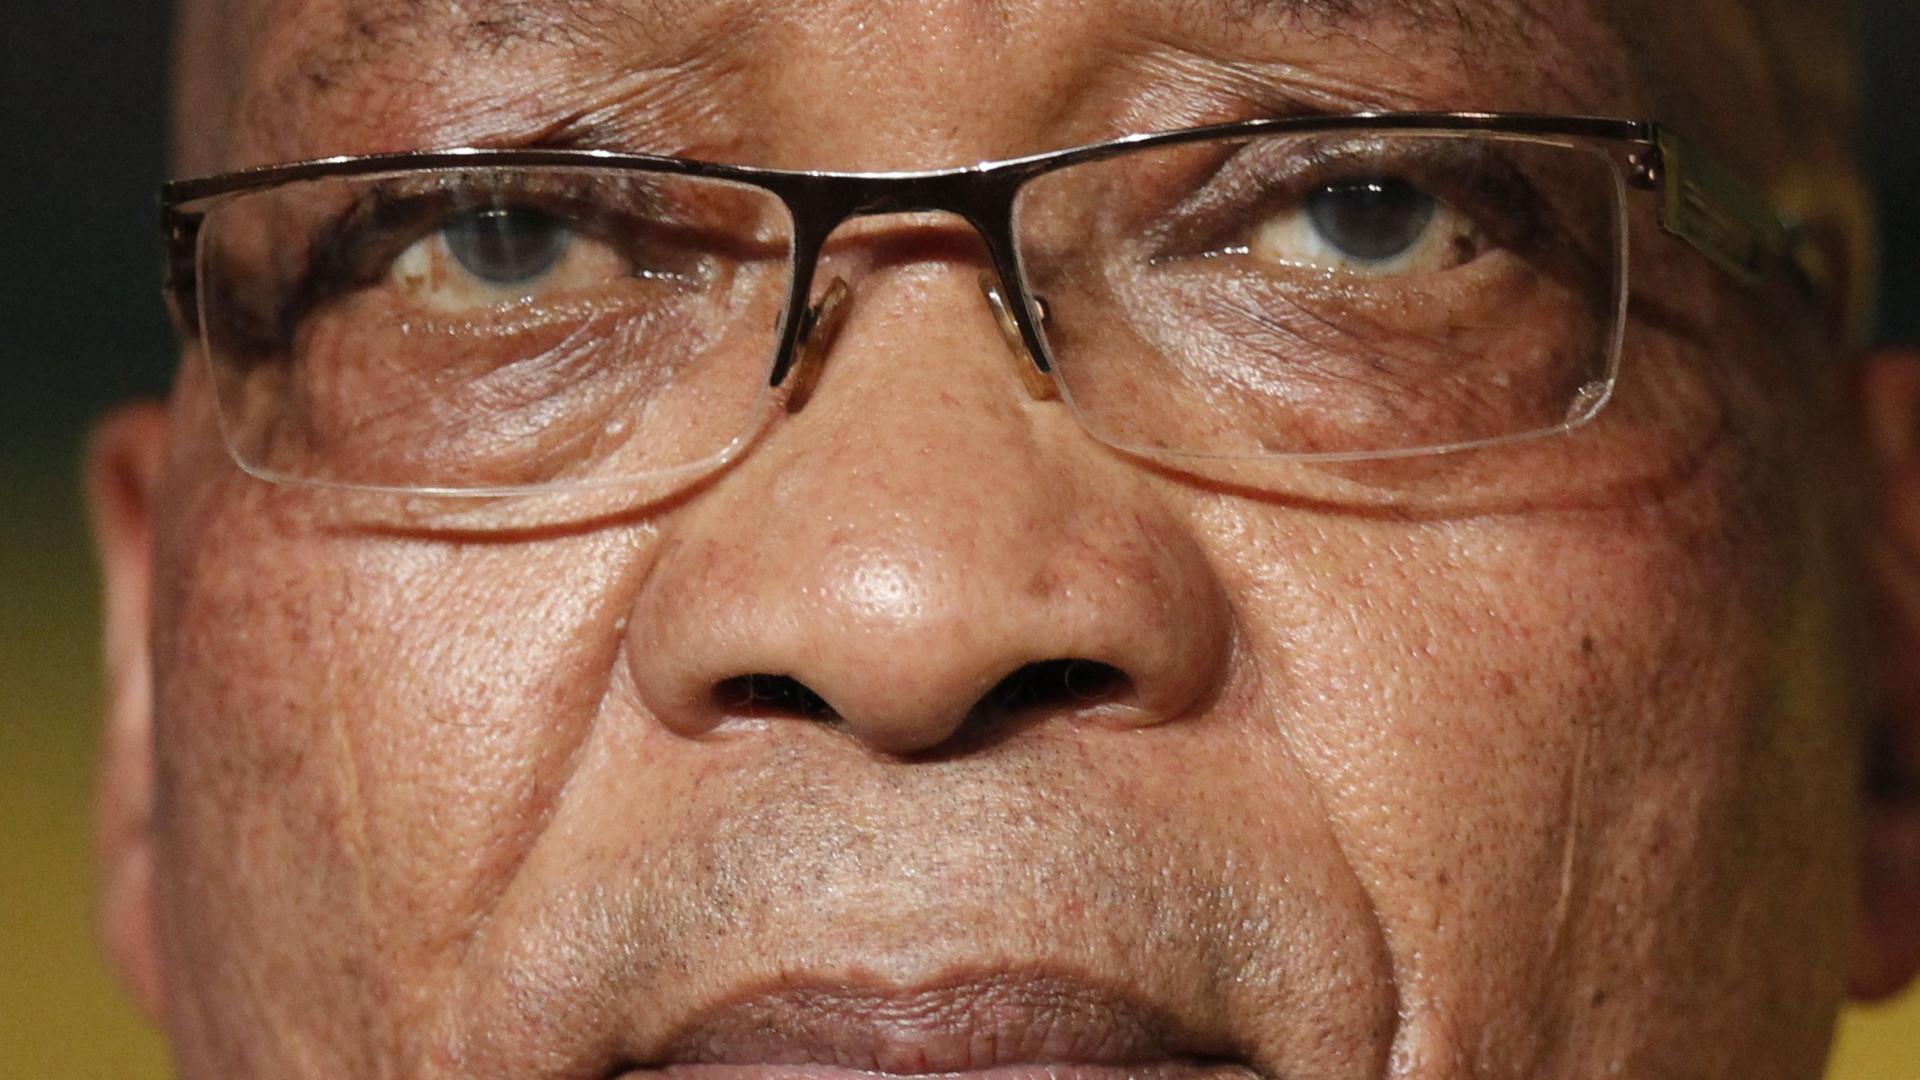 Presidente sul-africano demitir-se-á se moção de censura for aprovada